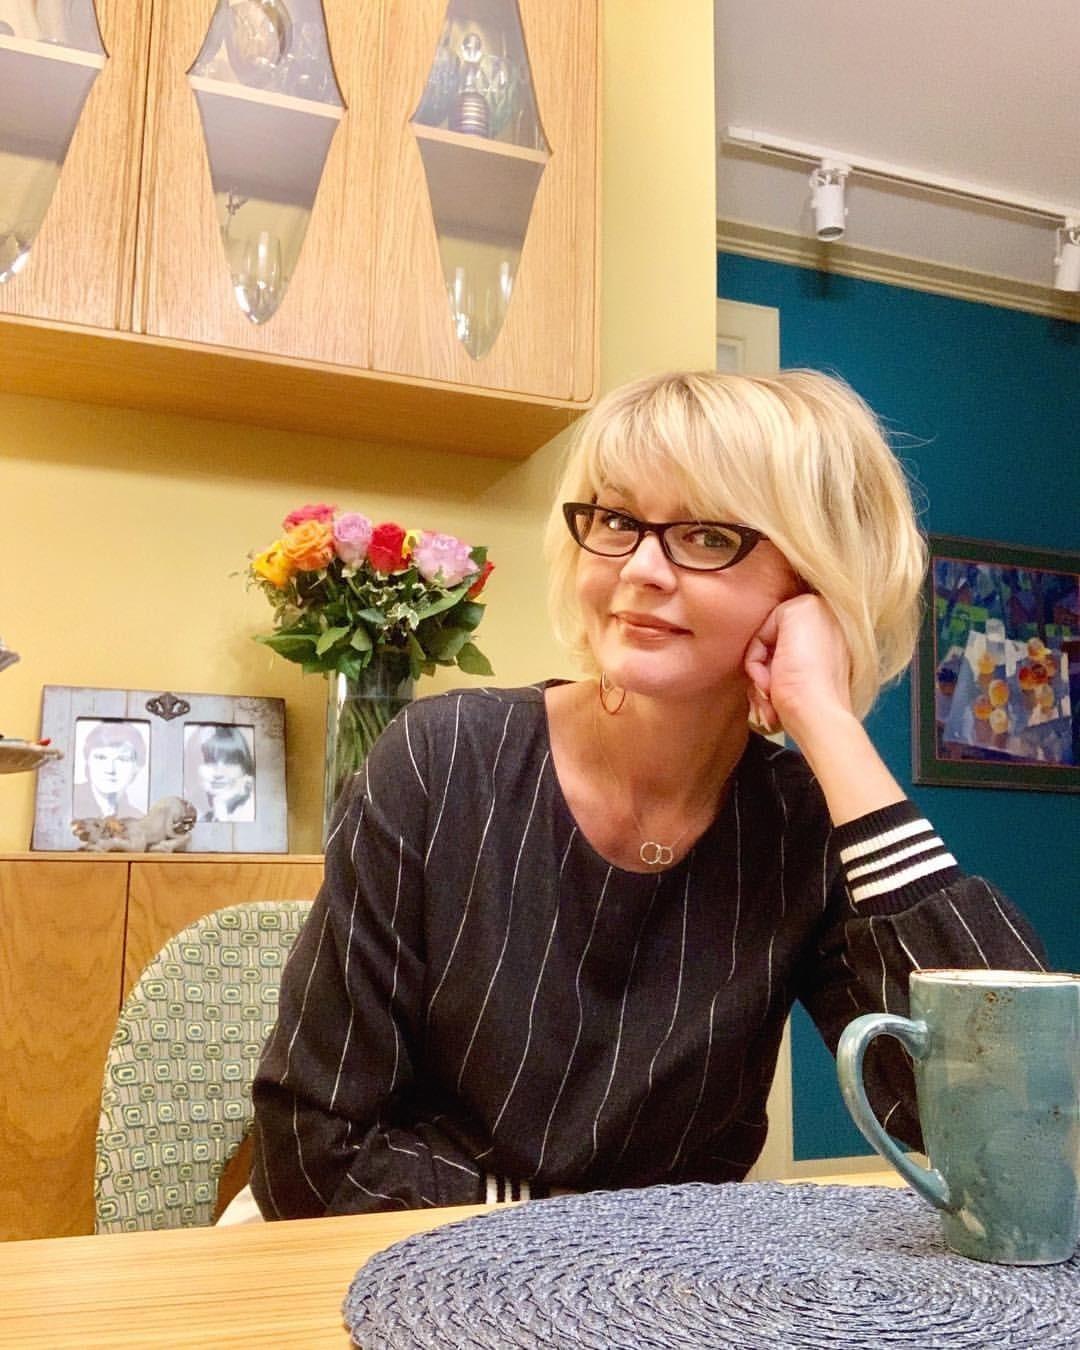 На новогодних праздниках Юлия Меньшова(49)вместе ссемьей путешествовала поЕвропе иделилась своими впечатлениями всоциальных сетях. Поклонникам так понравились фотографии, текстовые...